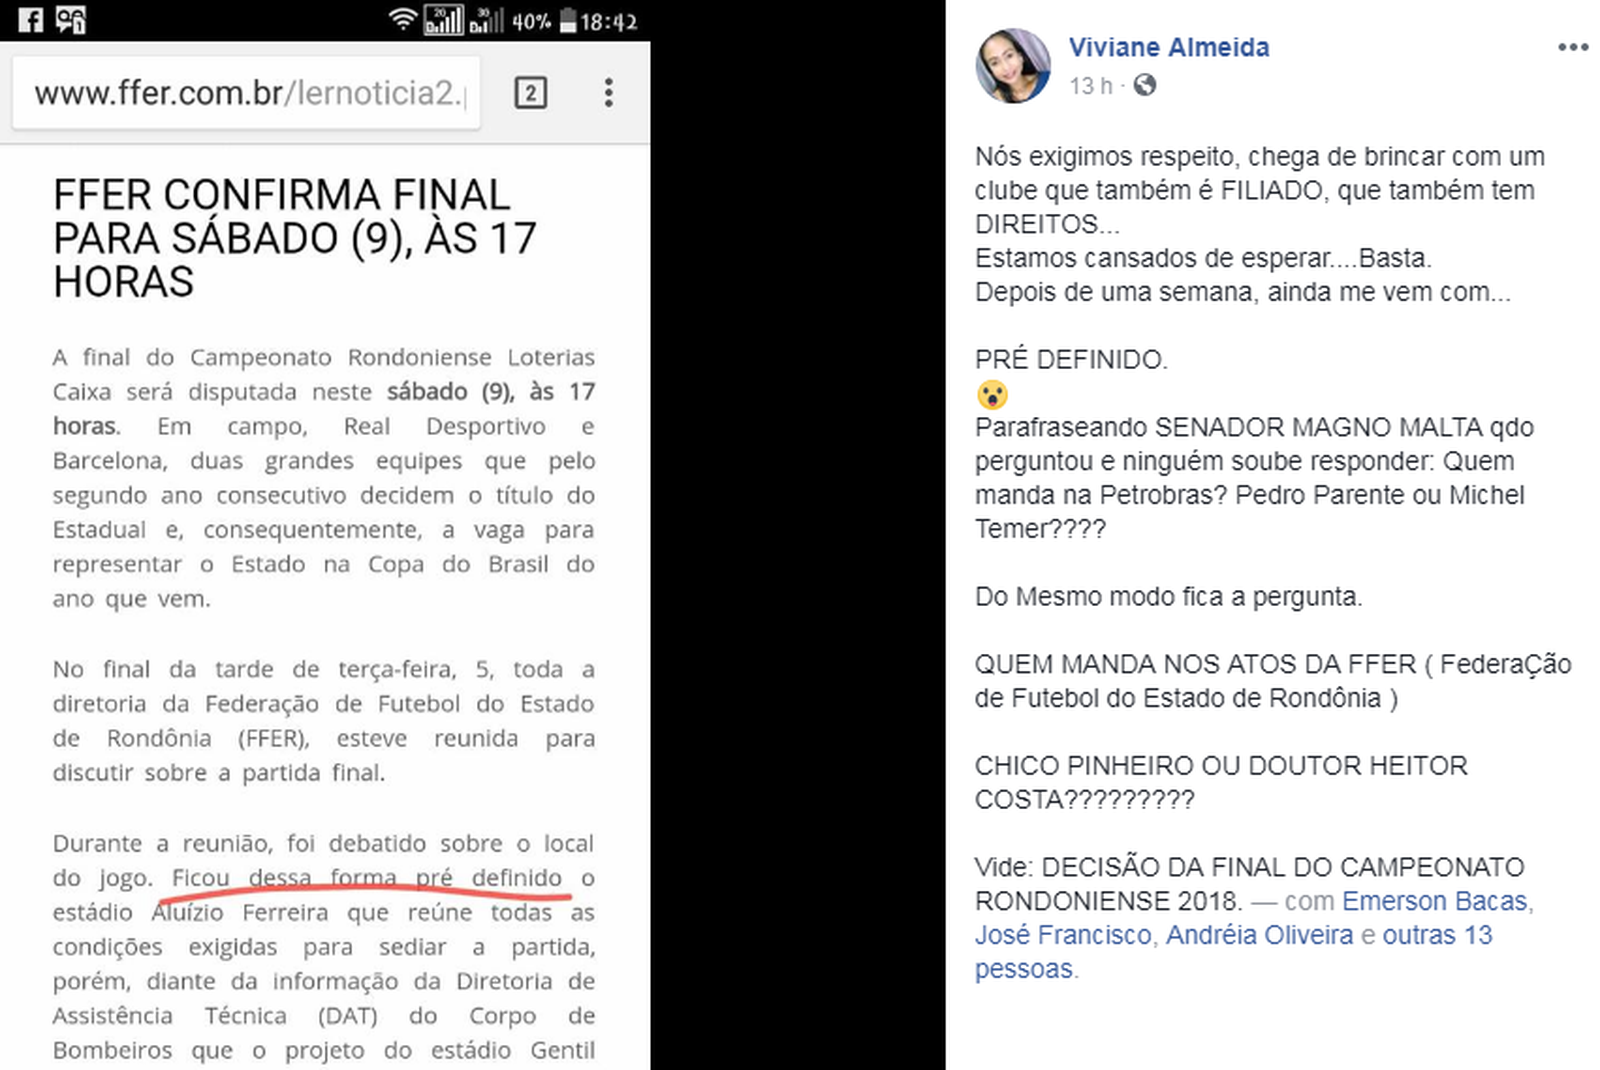 Viviane do Barcelona faz desabafo na rede social, jogando FederaçÃģo contra presidente do Real Ariquemes (Foto: Facebook / ReproduçÃģo)